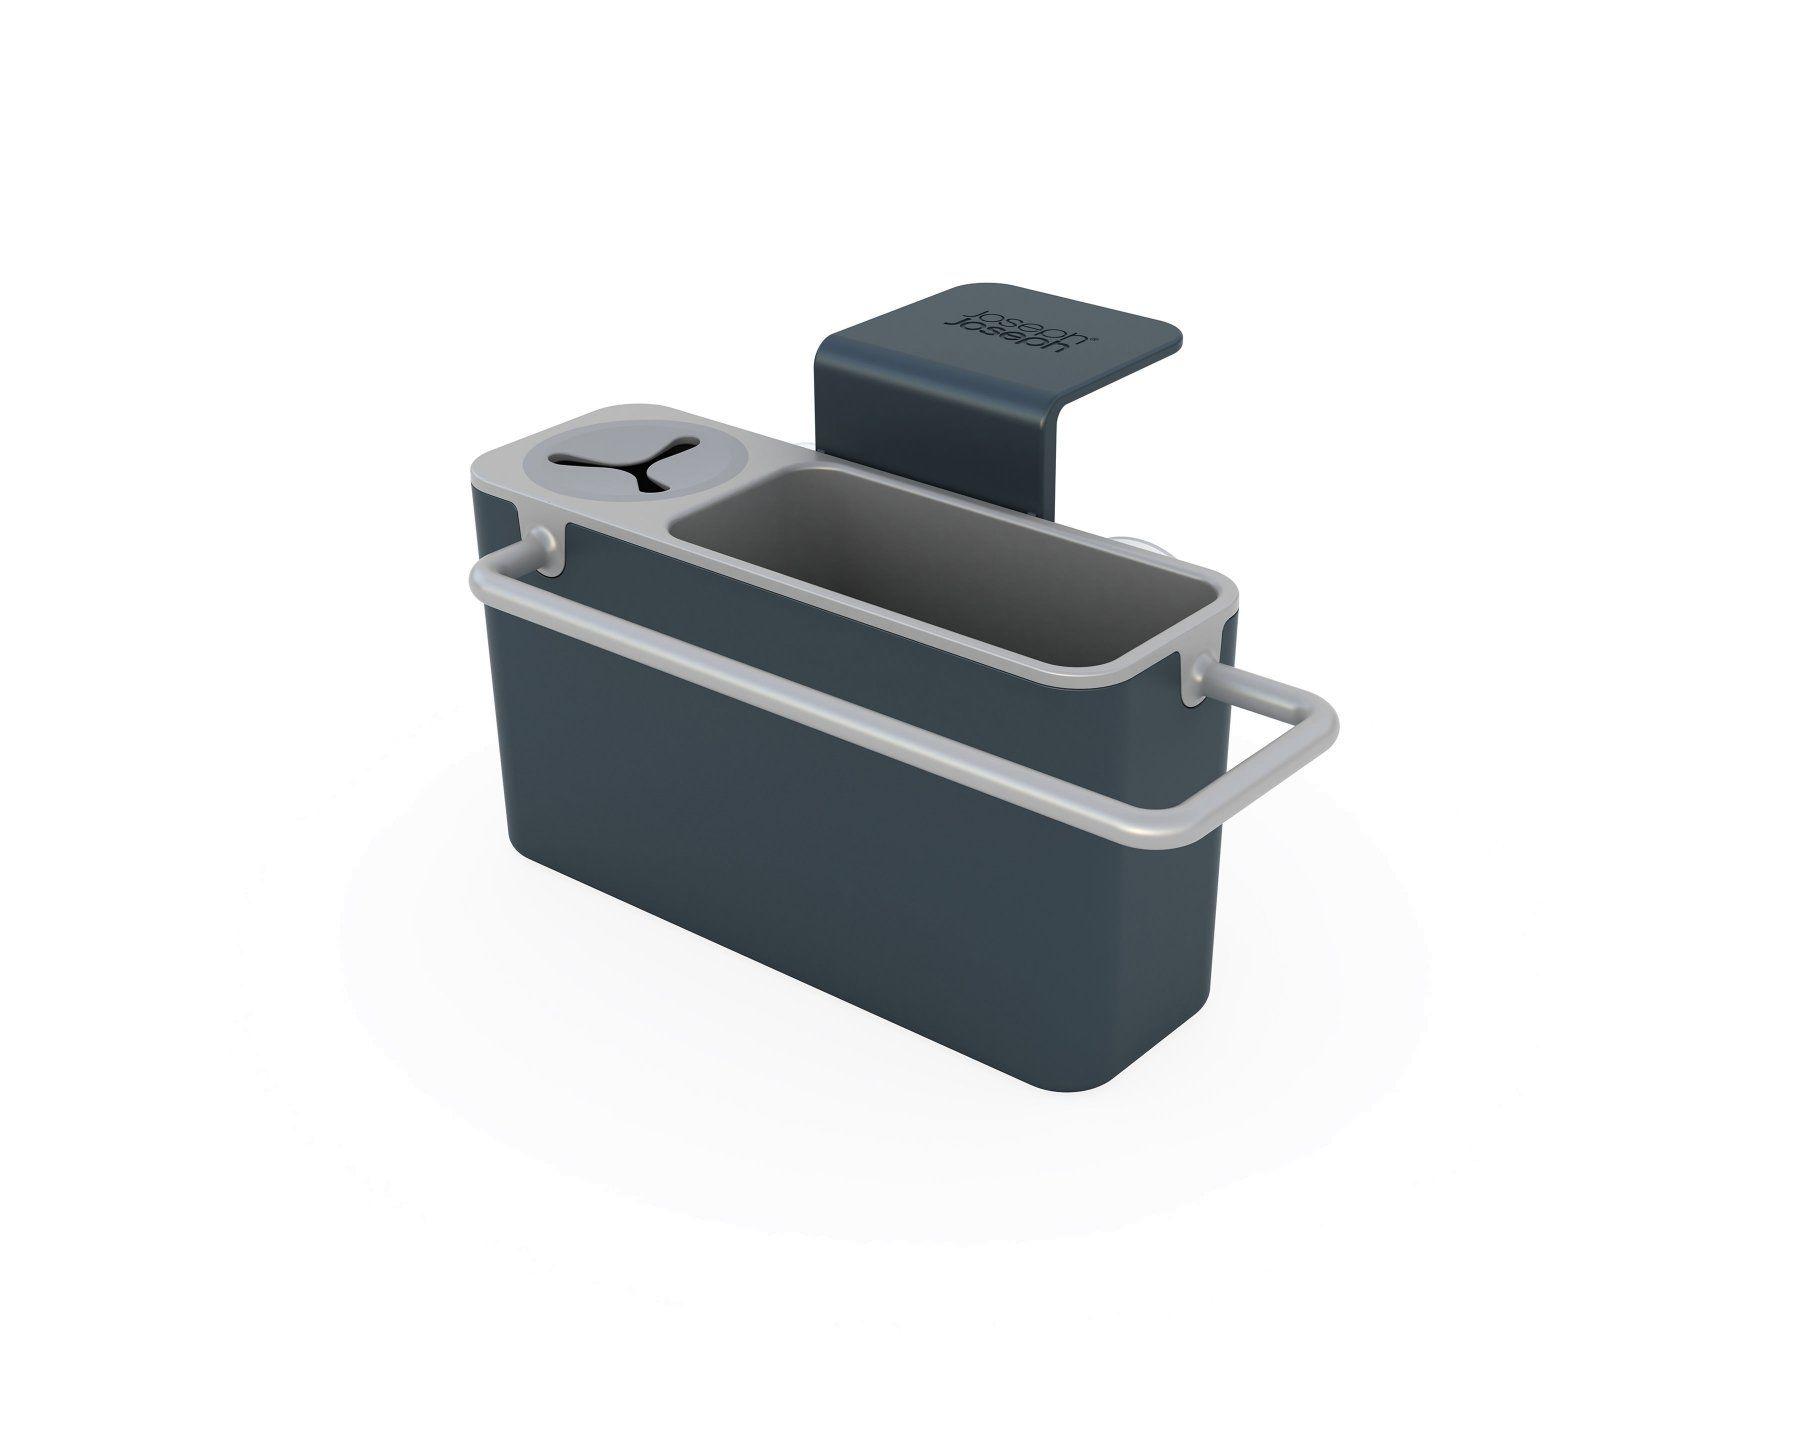 joseph joseph sink aid in sink tidy sink caddy best kitchen sinks kitchen sink accessories pinterest